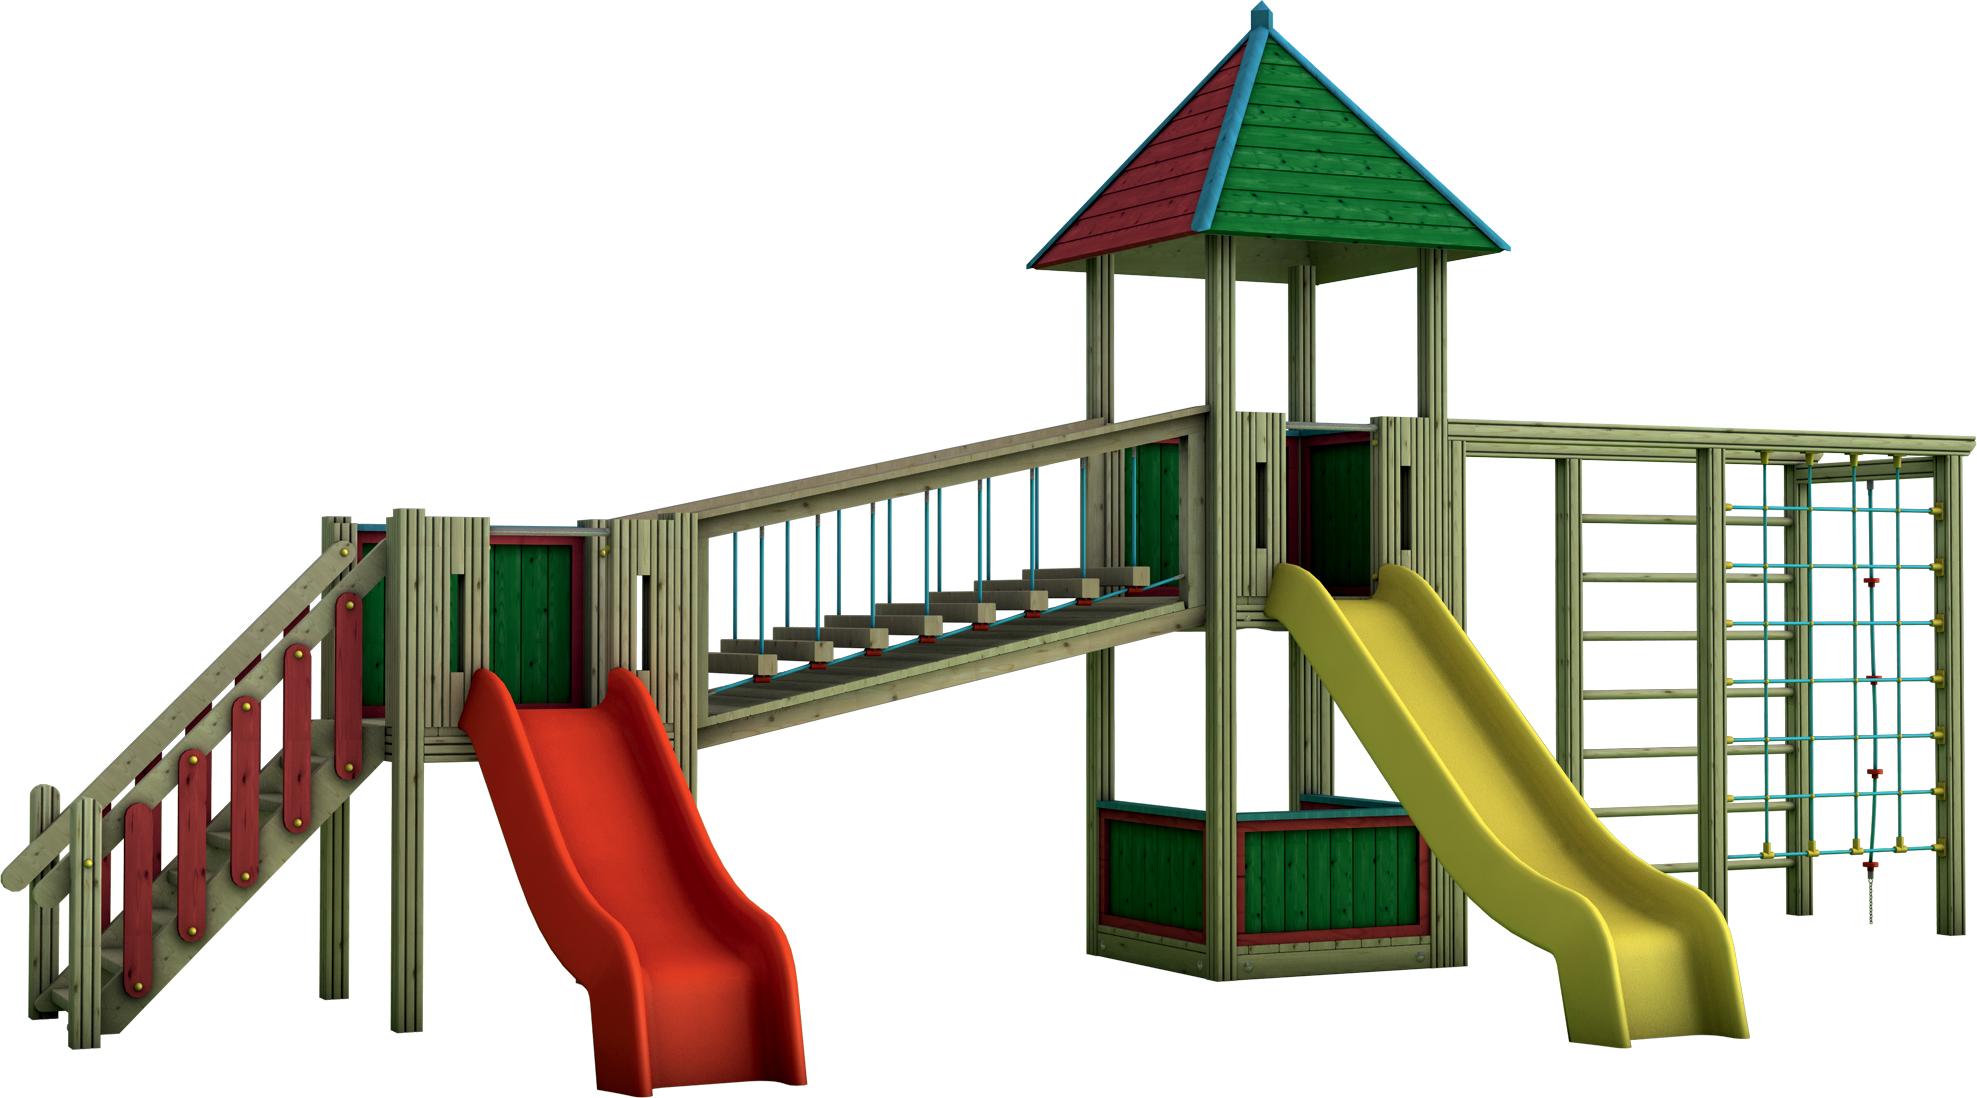 Doppia Torre gioco con ponte mobile inclinato in legno di pino nordico impregnato in autoclave realizzata da Linea Montanalegno - ILT